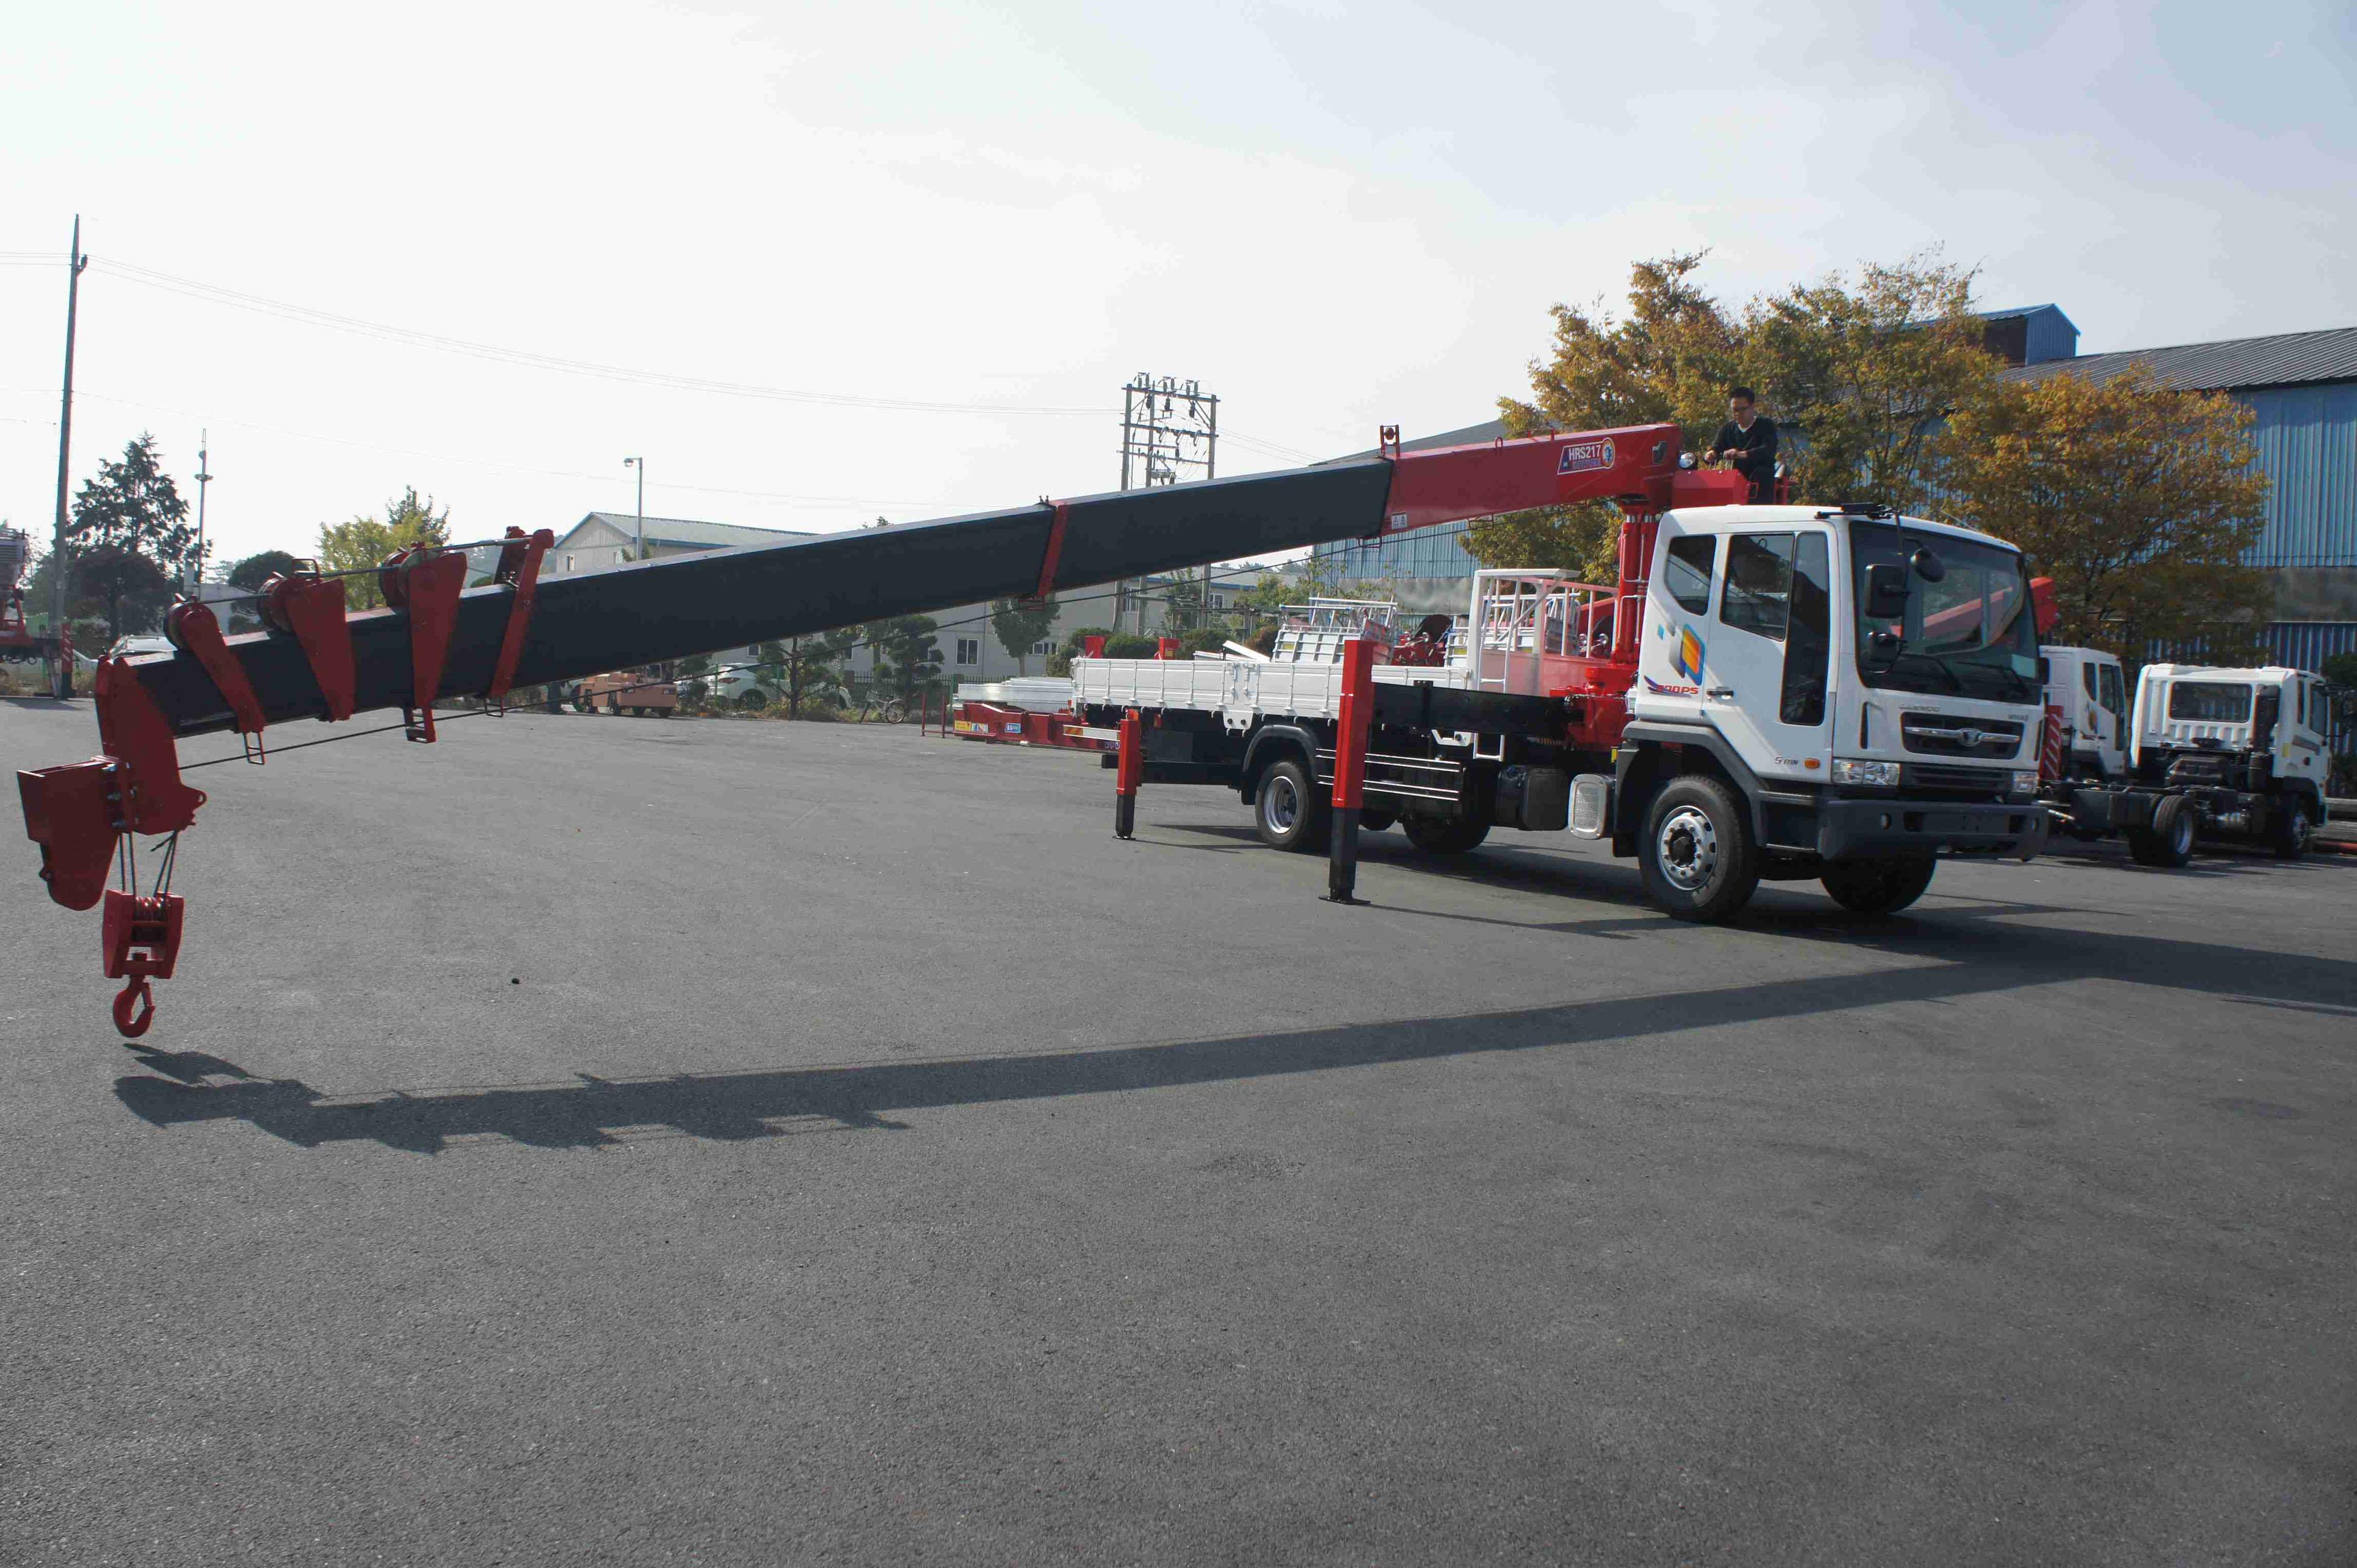 cargo_crane_horyong_hrs217_south_korea